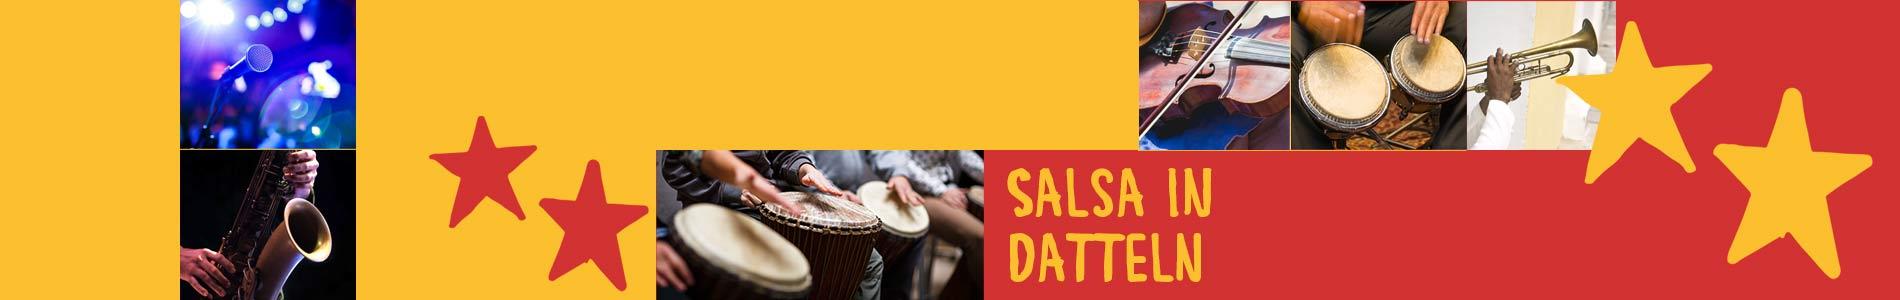 Salsa in Datteln – Salsa lernen und tanzen, Tanzkurse, Partys, Veranstaltungen